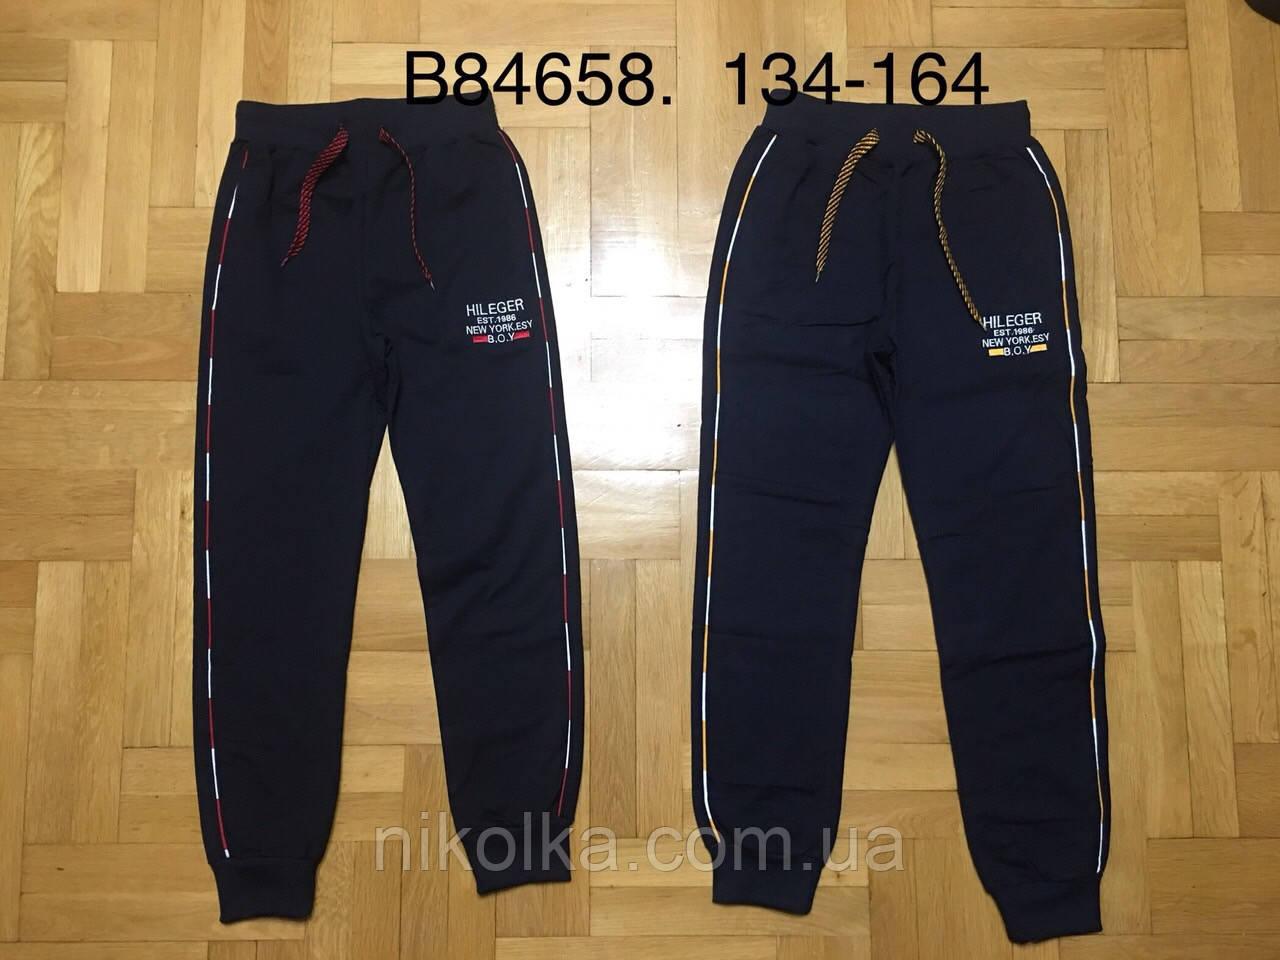 Спортивные брюки для мальчиков оптом, Grace, 134-164 рр., арт. В84658